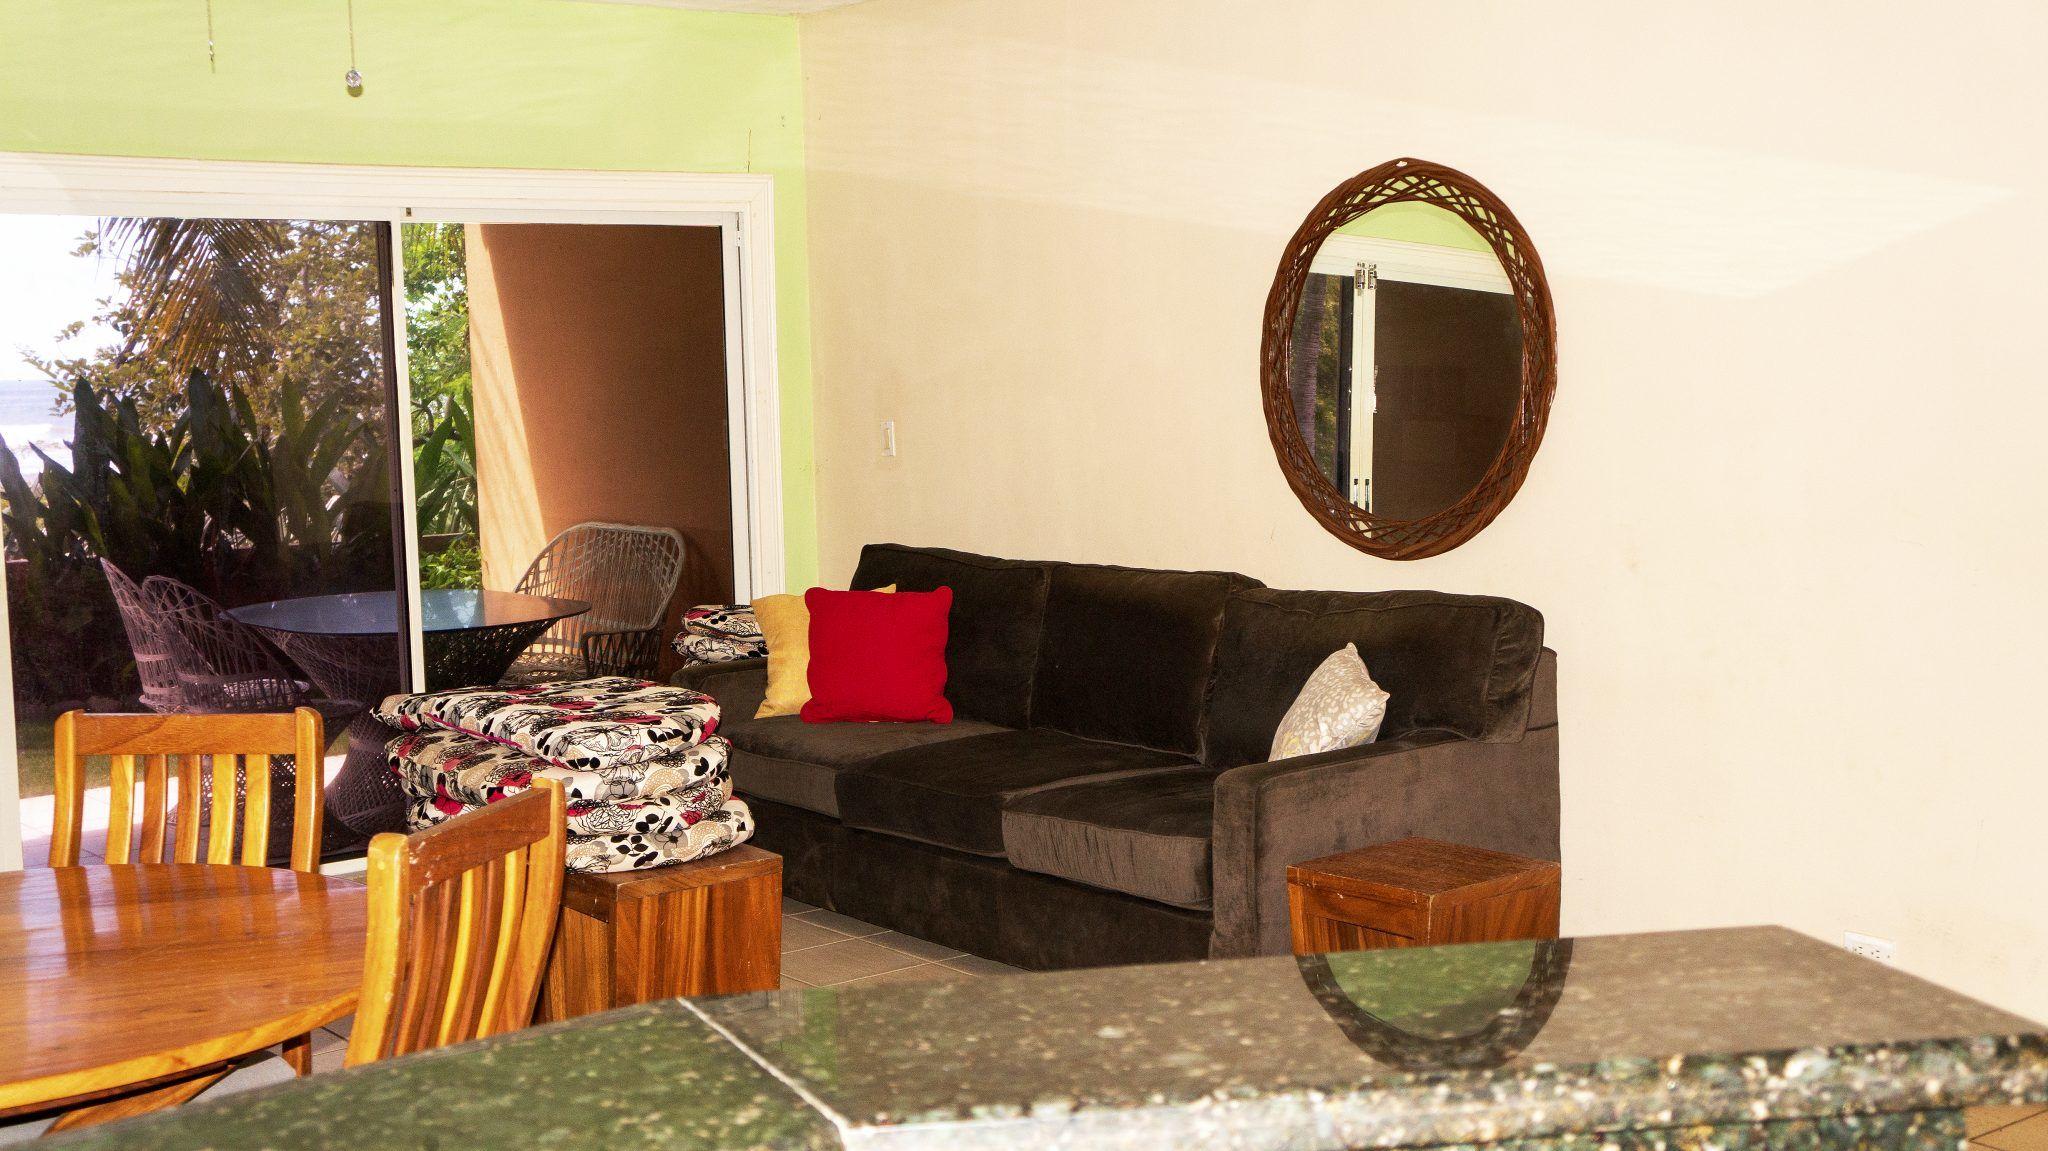 BL30 - Living Room